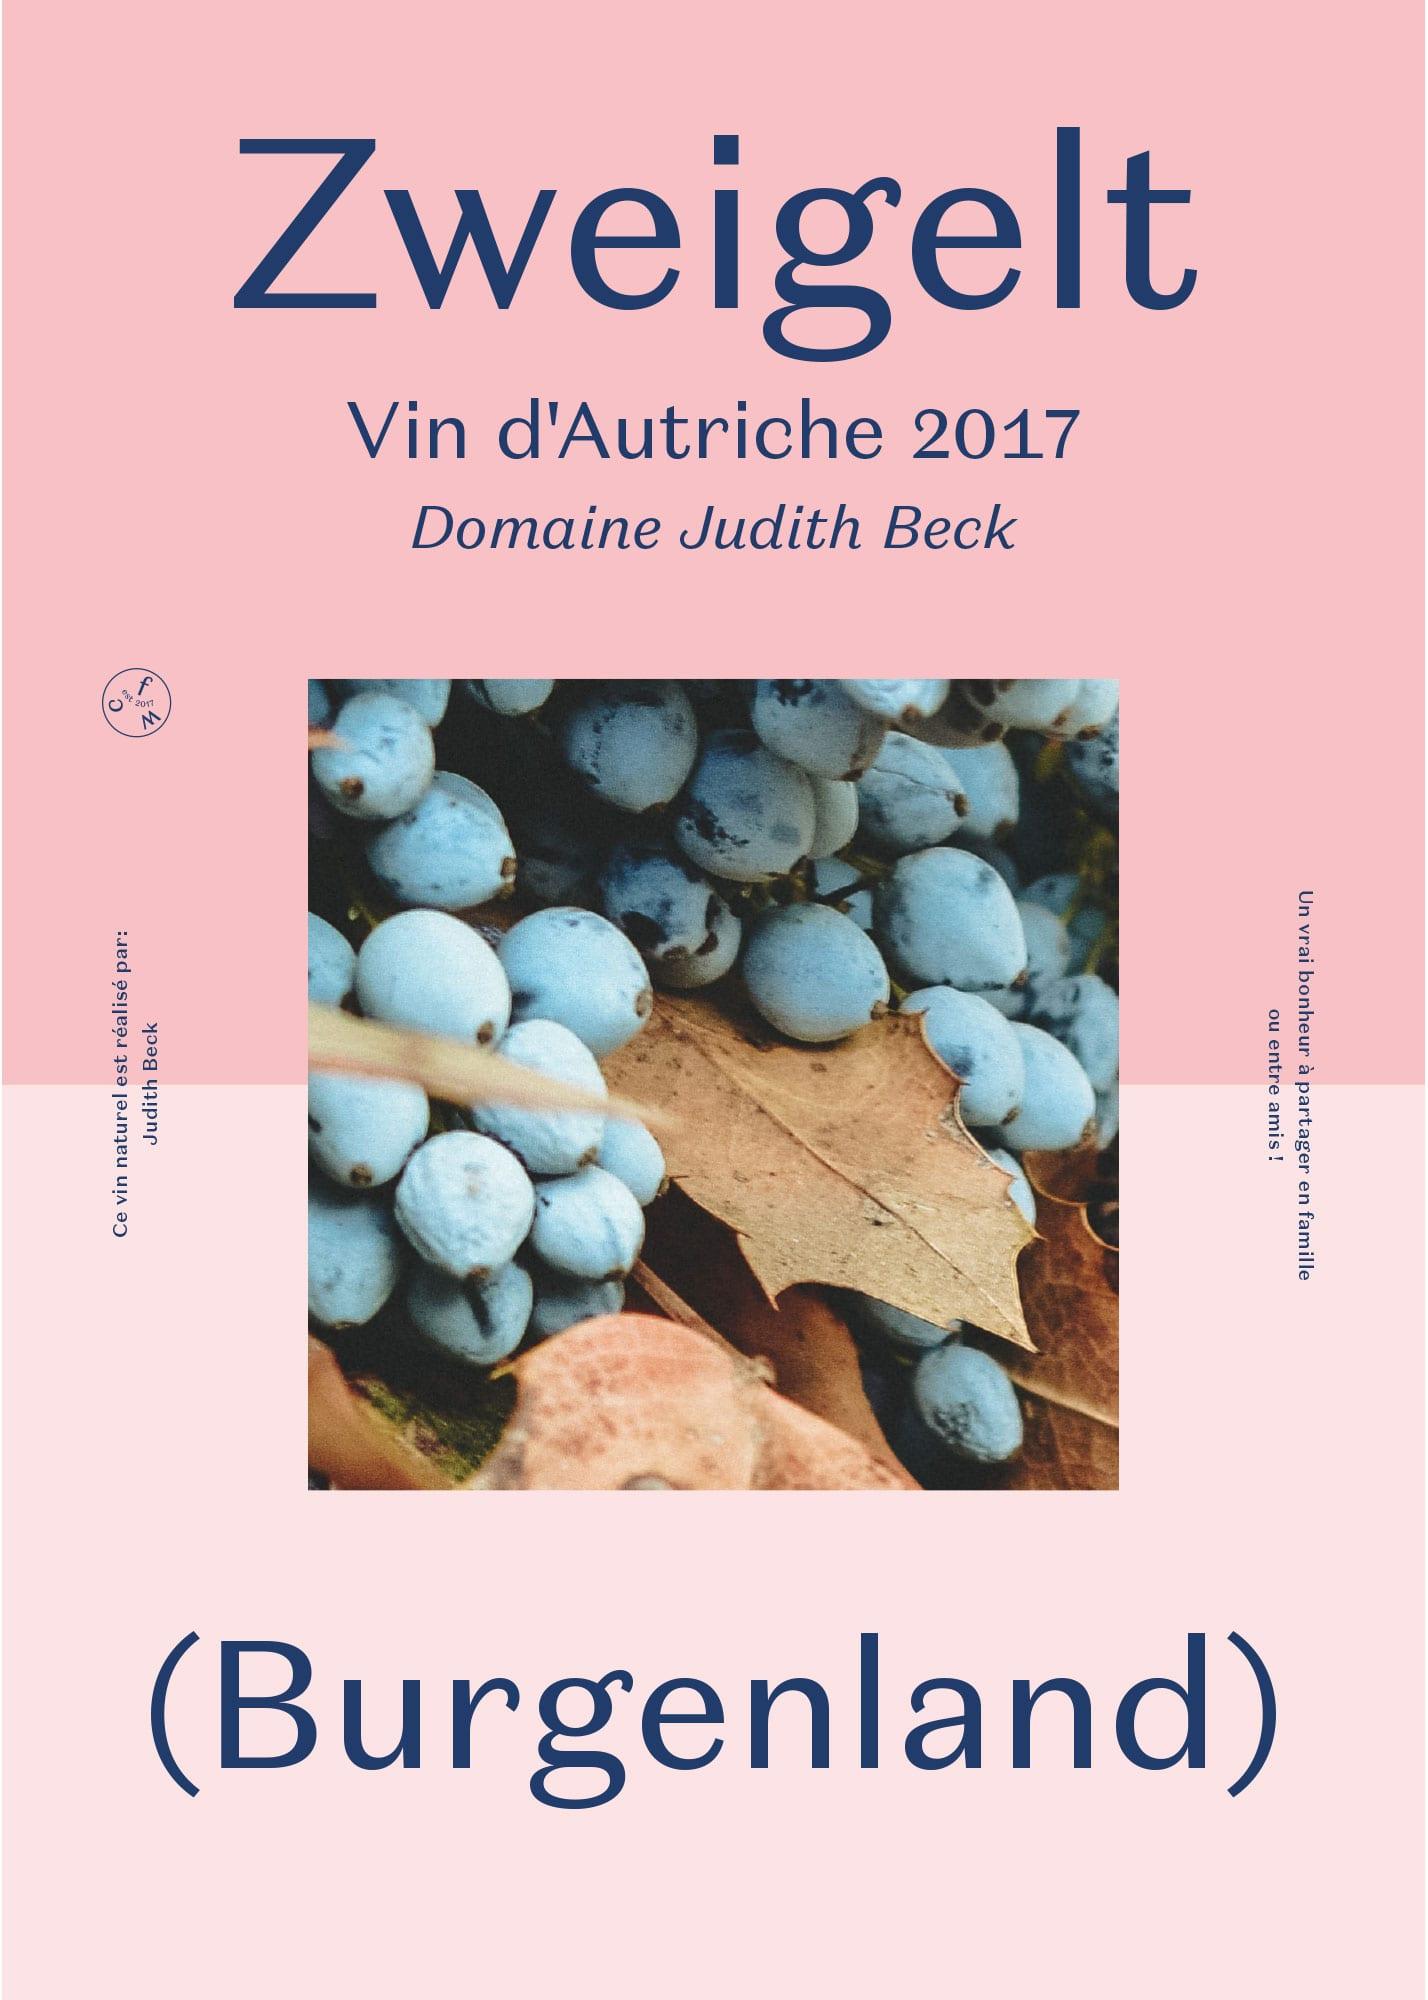 FWC_winecard_Zweigelt_web-1